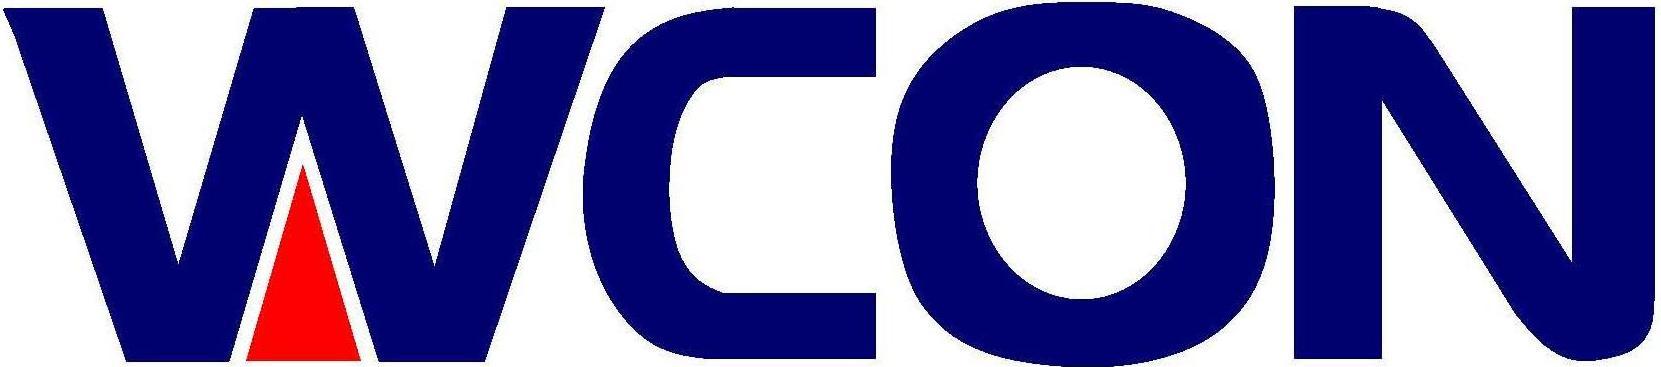 Dongguan Wafe Hardware Electronics Co.,Ltd logo